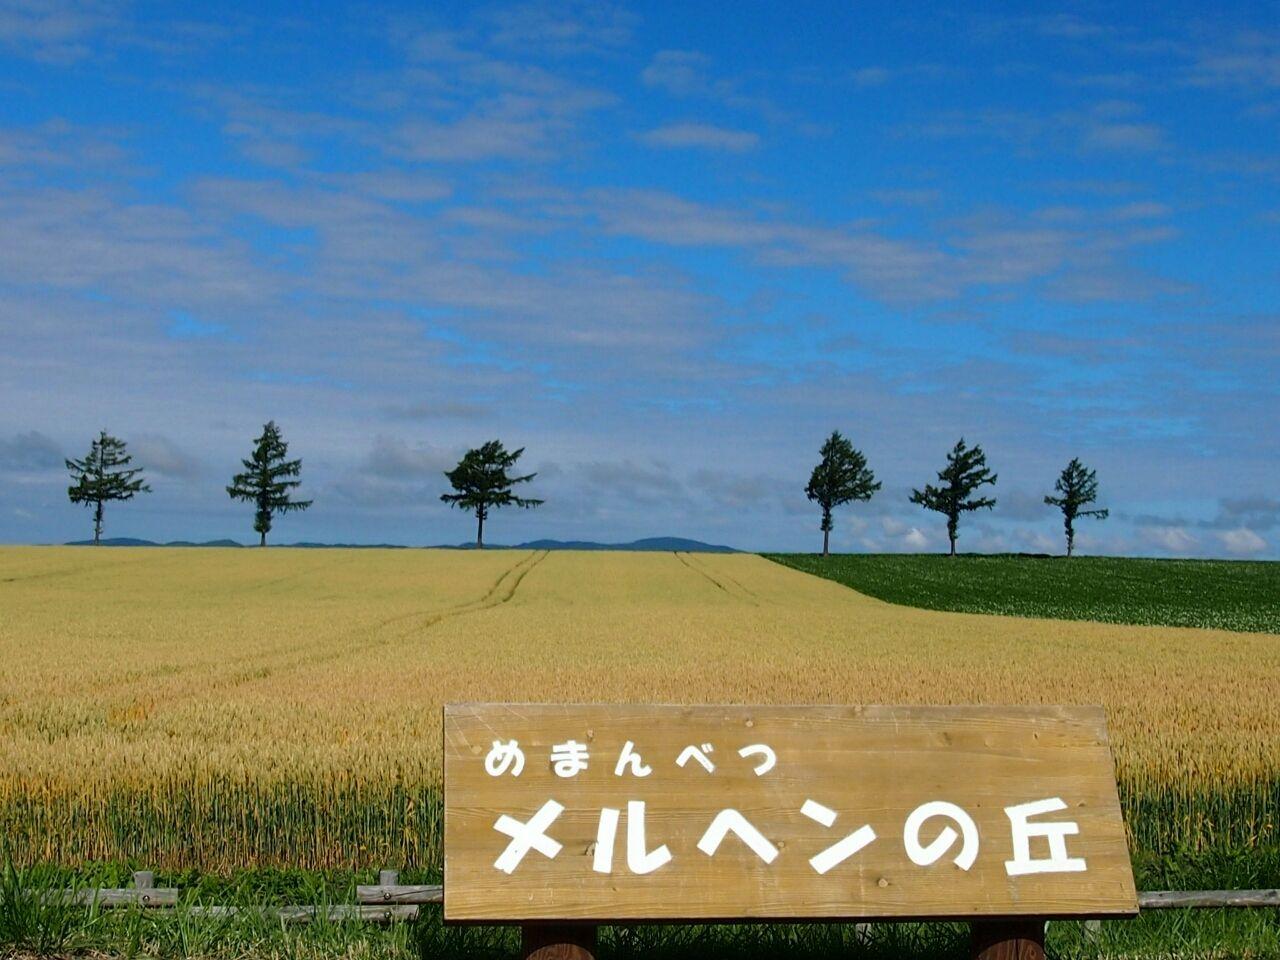 天気 羽幌 町 羽幌のアメダス